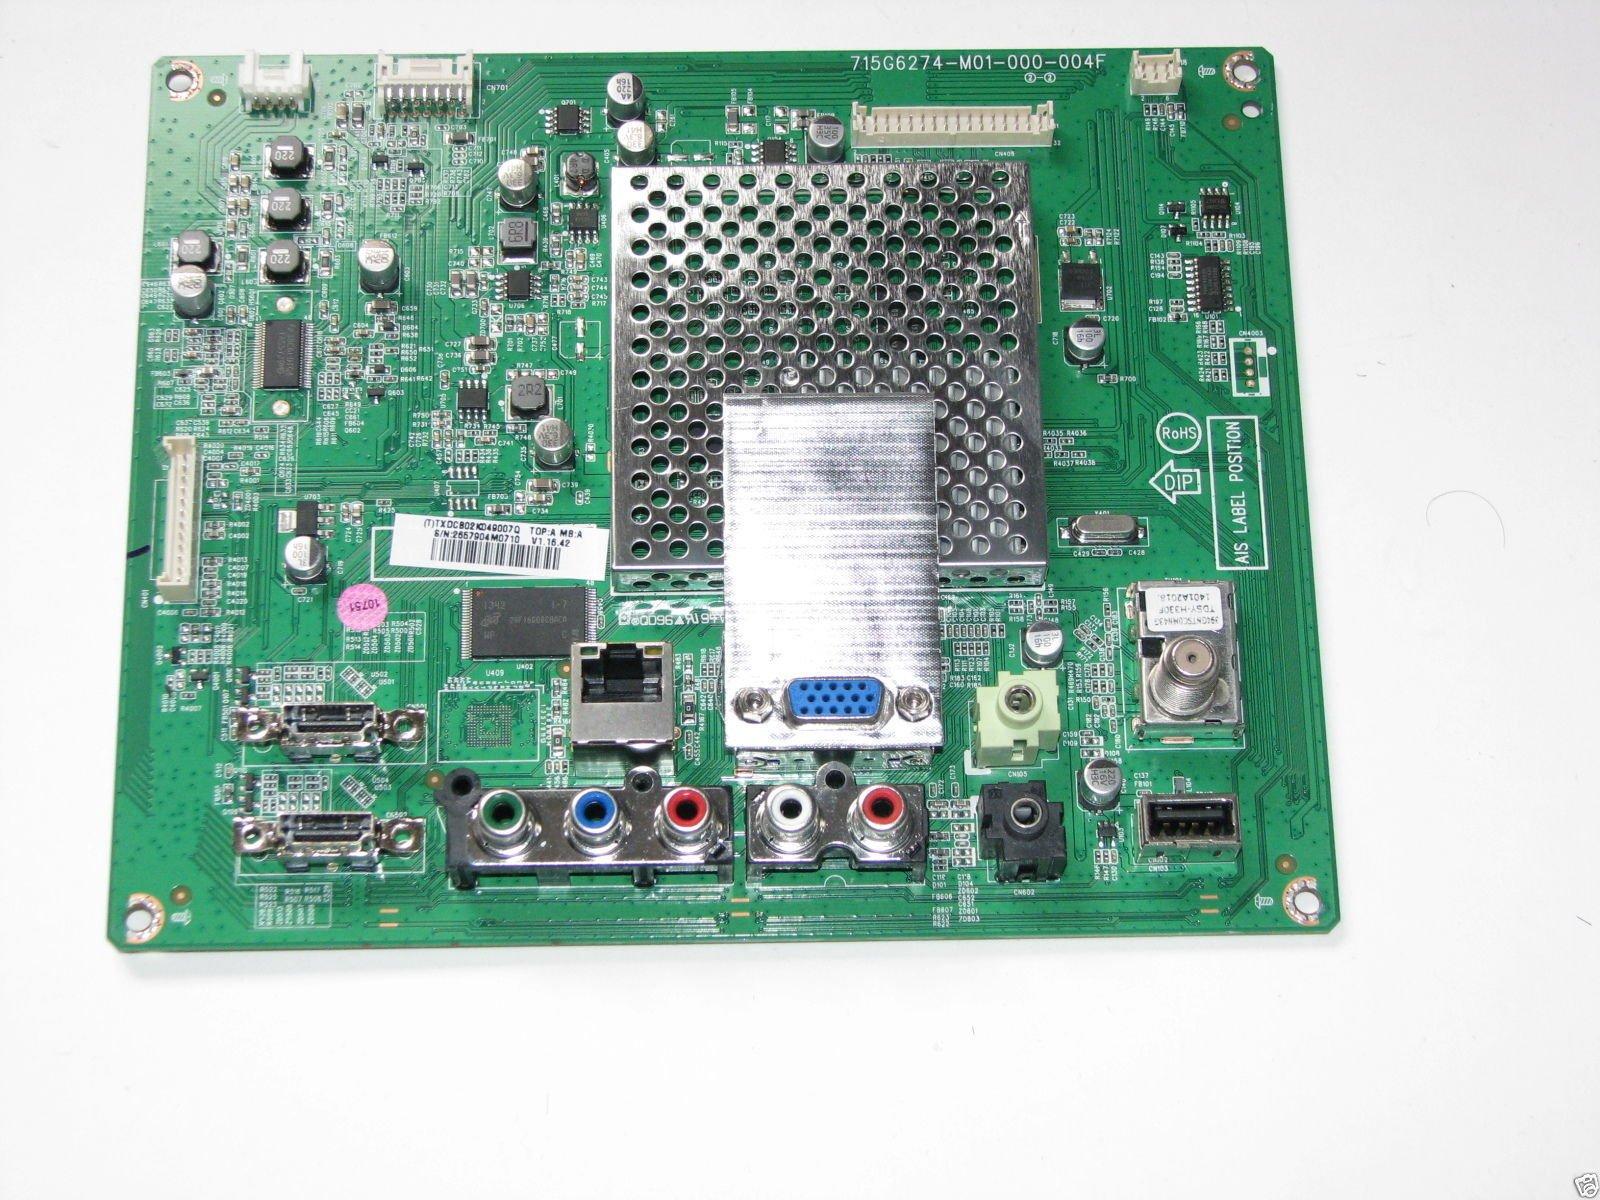 Vizio E280i A1 Main Board XDCB02K0490 756TXDCB02K0490